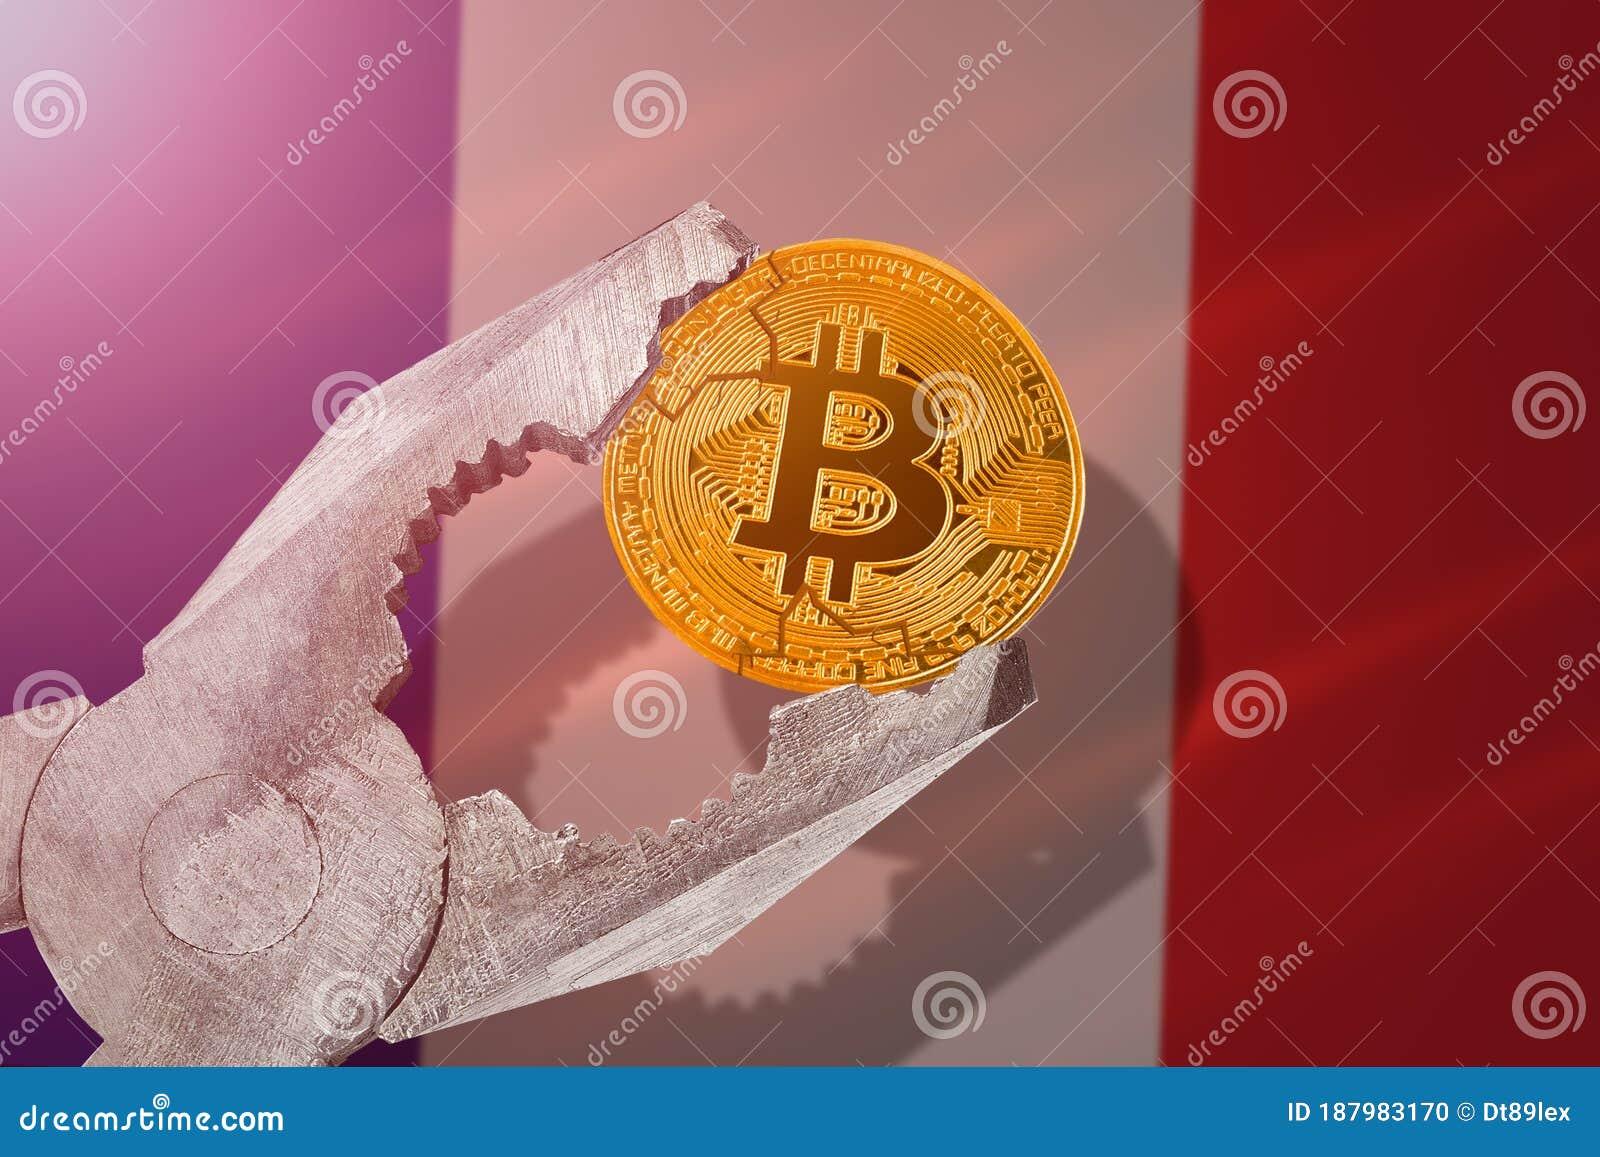 francia bitcoin dragons den bitcoin piattaforma trader